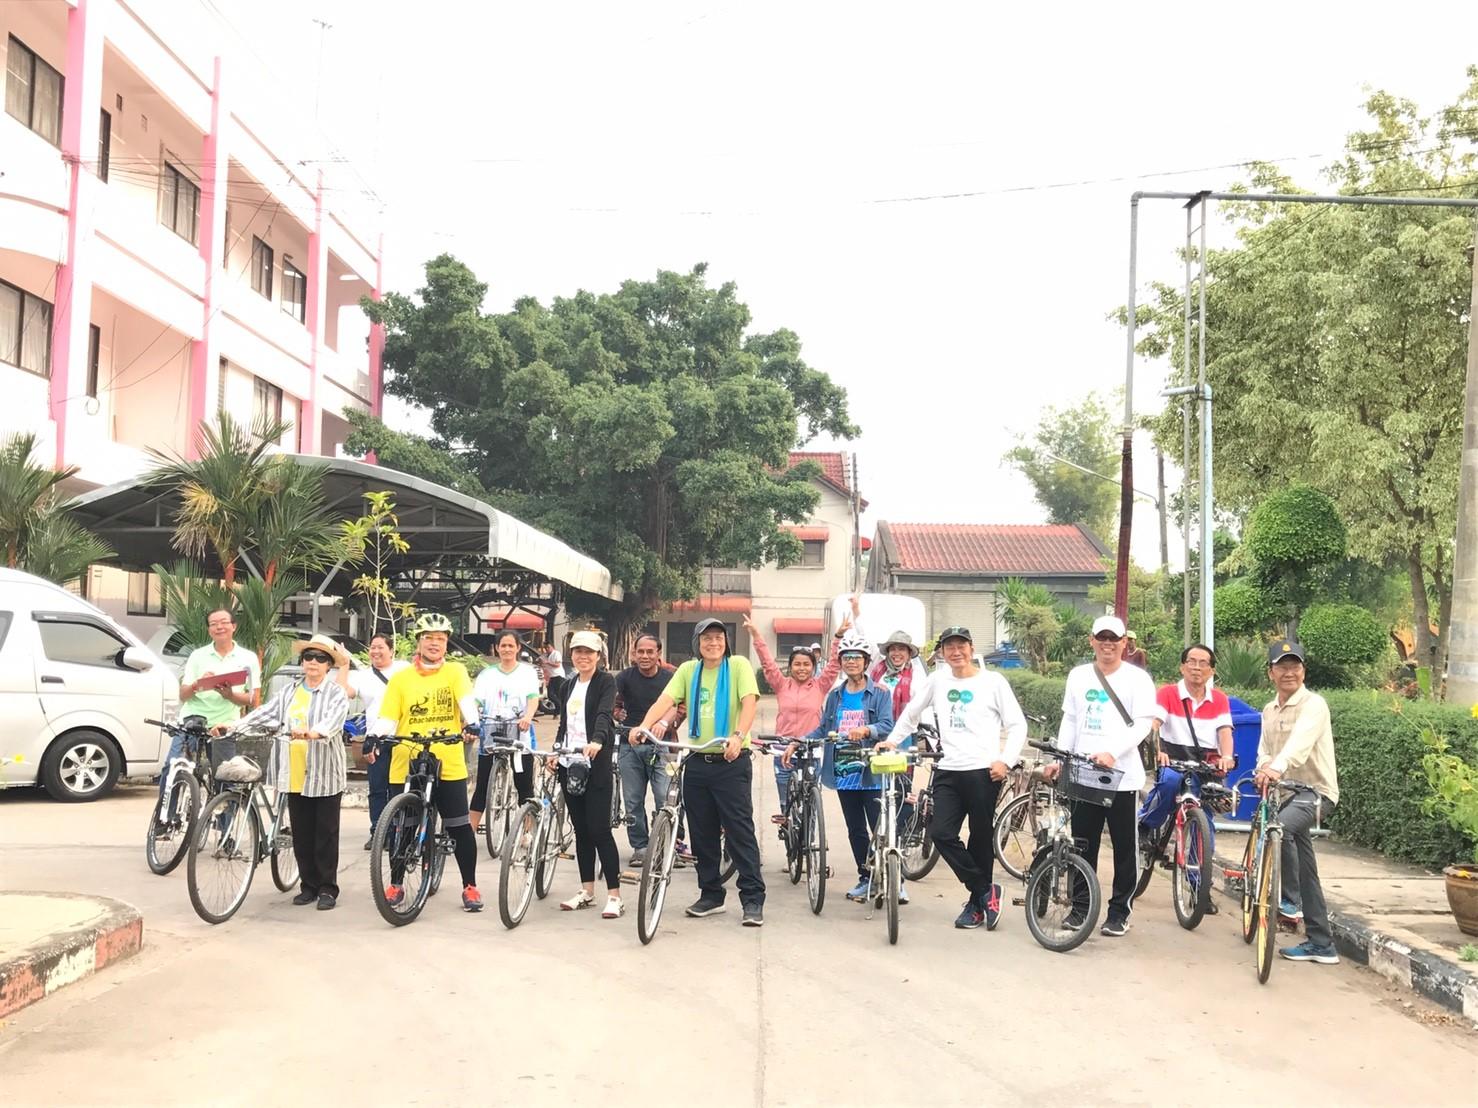 ประชุมเชิงปฏิบัติการกับชุมชนนอกเมืองและในเมือง เพื่อเตรียมความพร้อม กับคนในพื้นที่ร่วมทำเมือง-ชุมชนเดิน จักรยาน บางคล้า-งามดูพลี